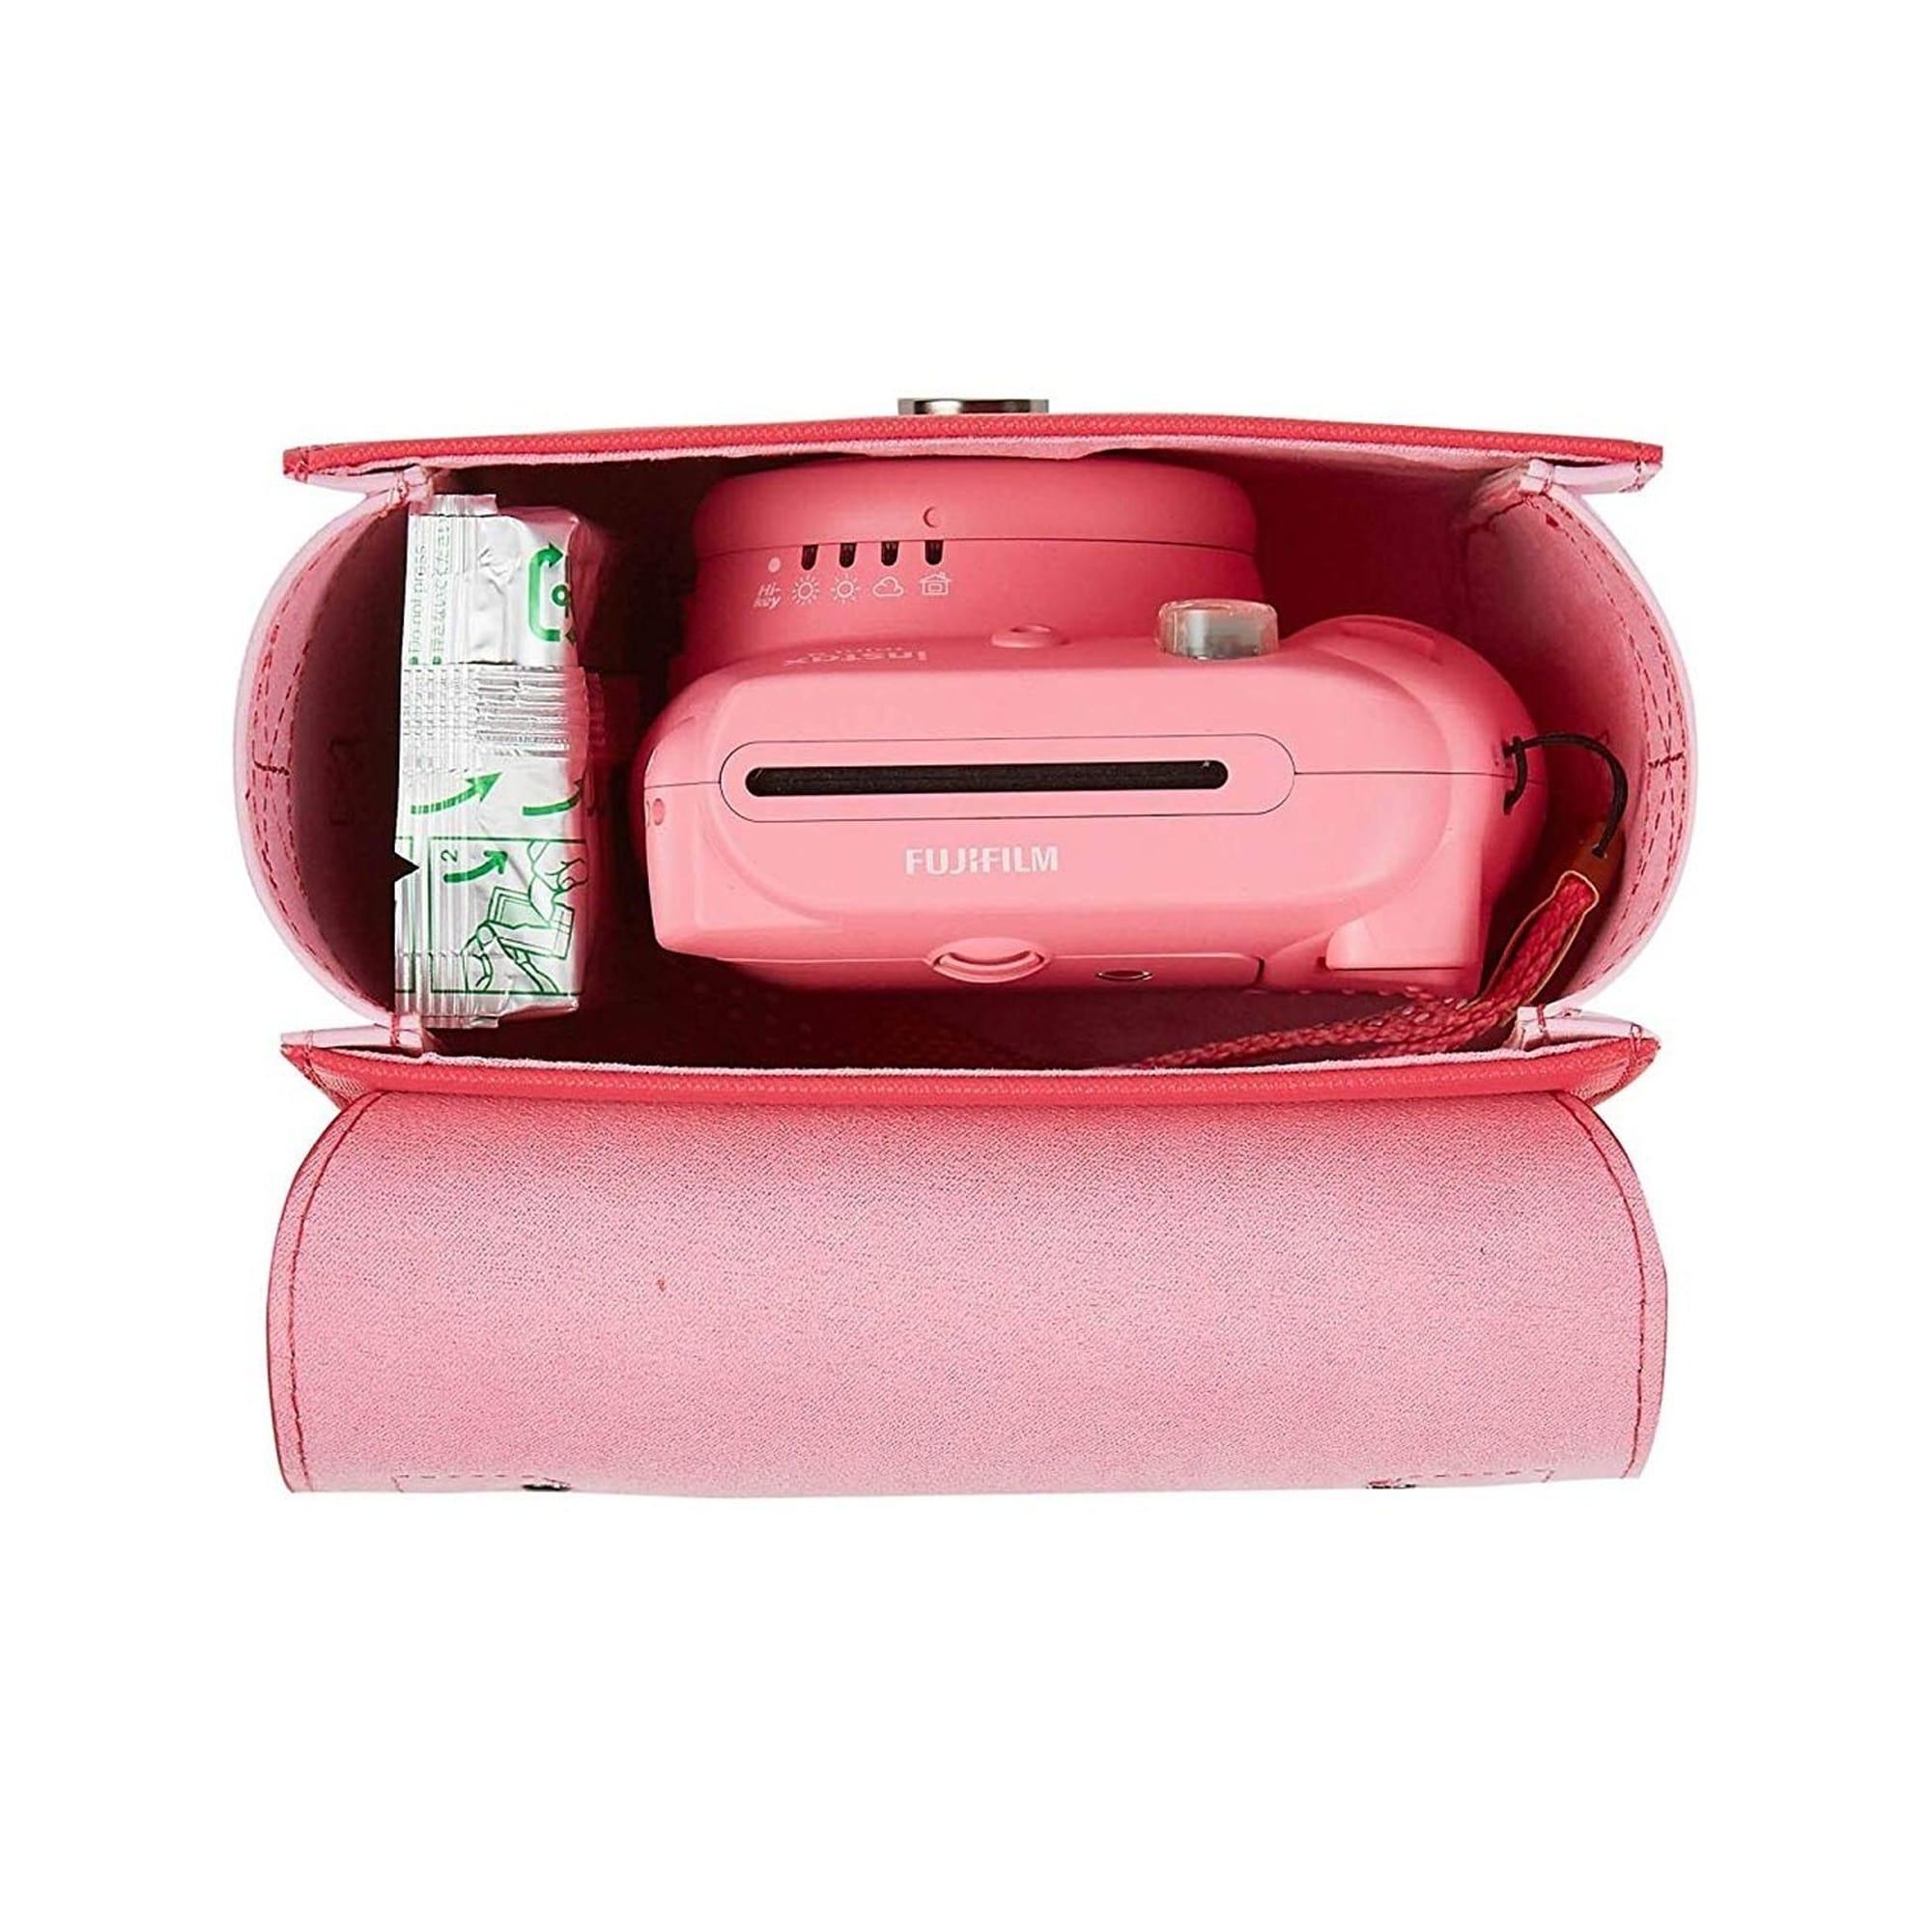 Fujifilm Instax Mini Väska Flamingo Pink Med Handtag